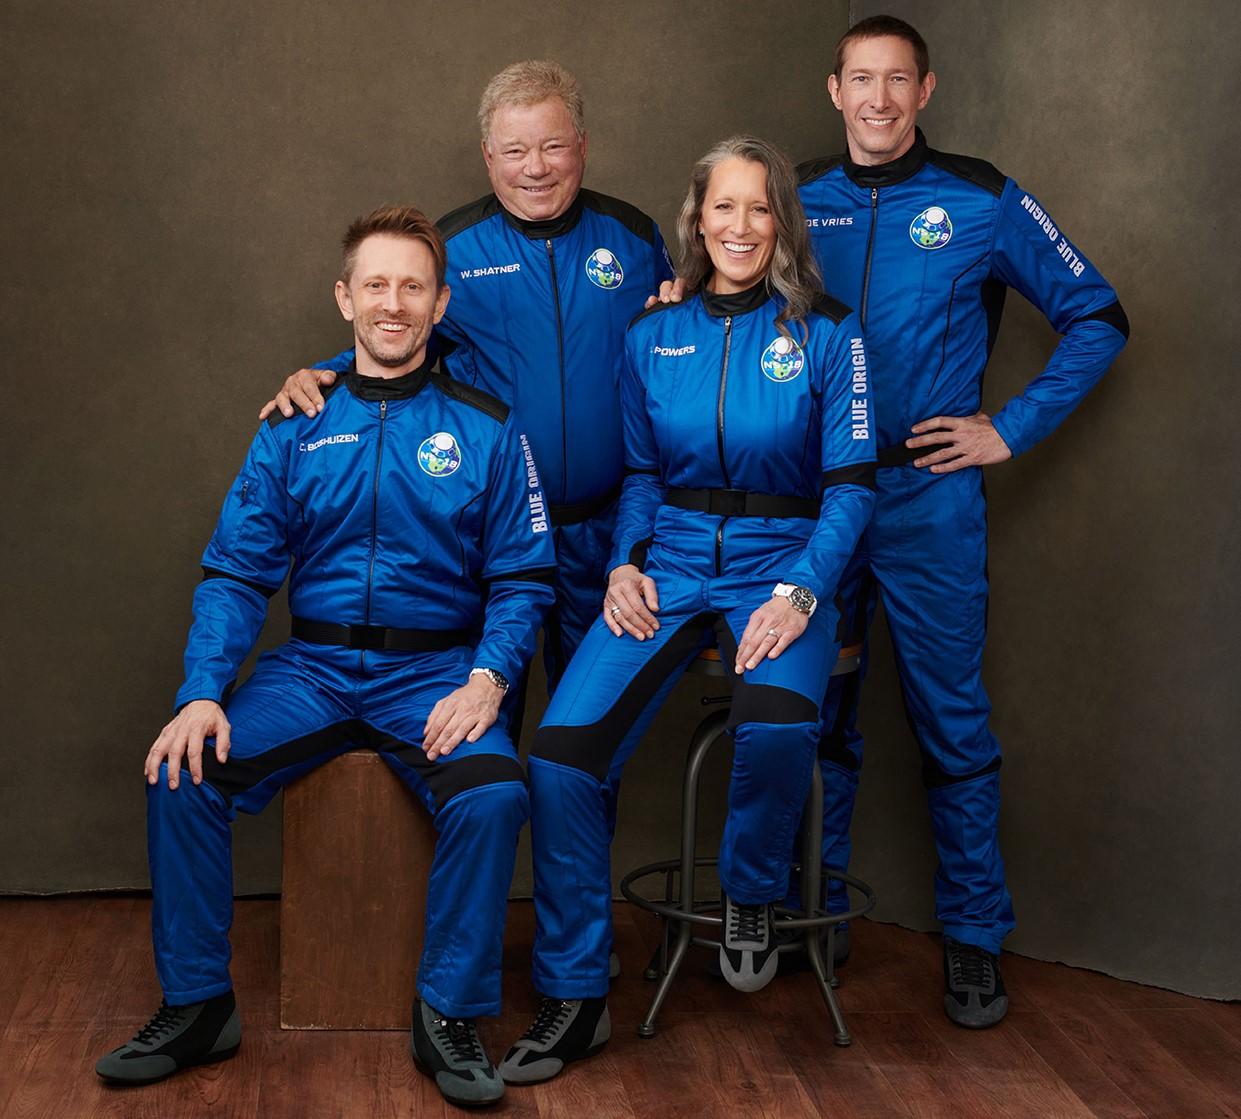 William Shatner (secondo da destra) volerà insieme ad altri tre privati cittadini come parte del volo spaziale suborbitale Blue Origin. Da sinistra Chris Boshuizen, Audrey Powers e Glen de Vries.